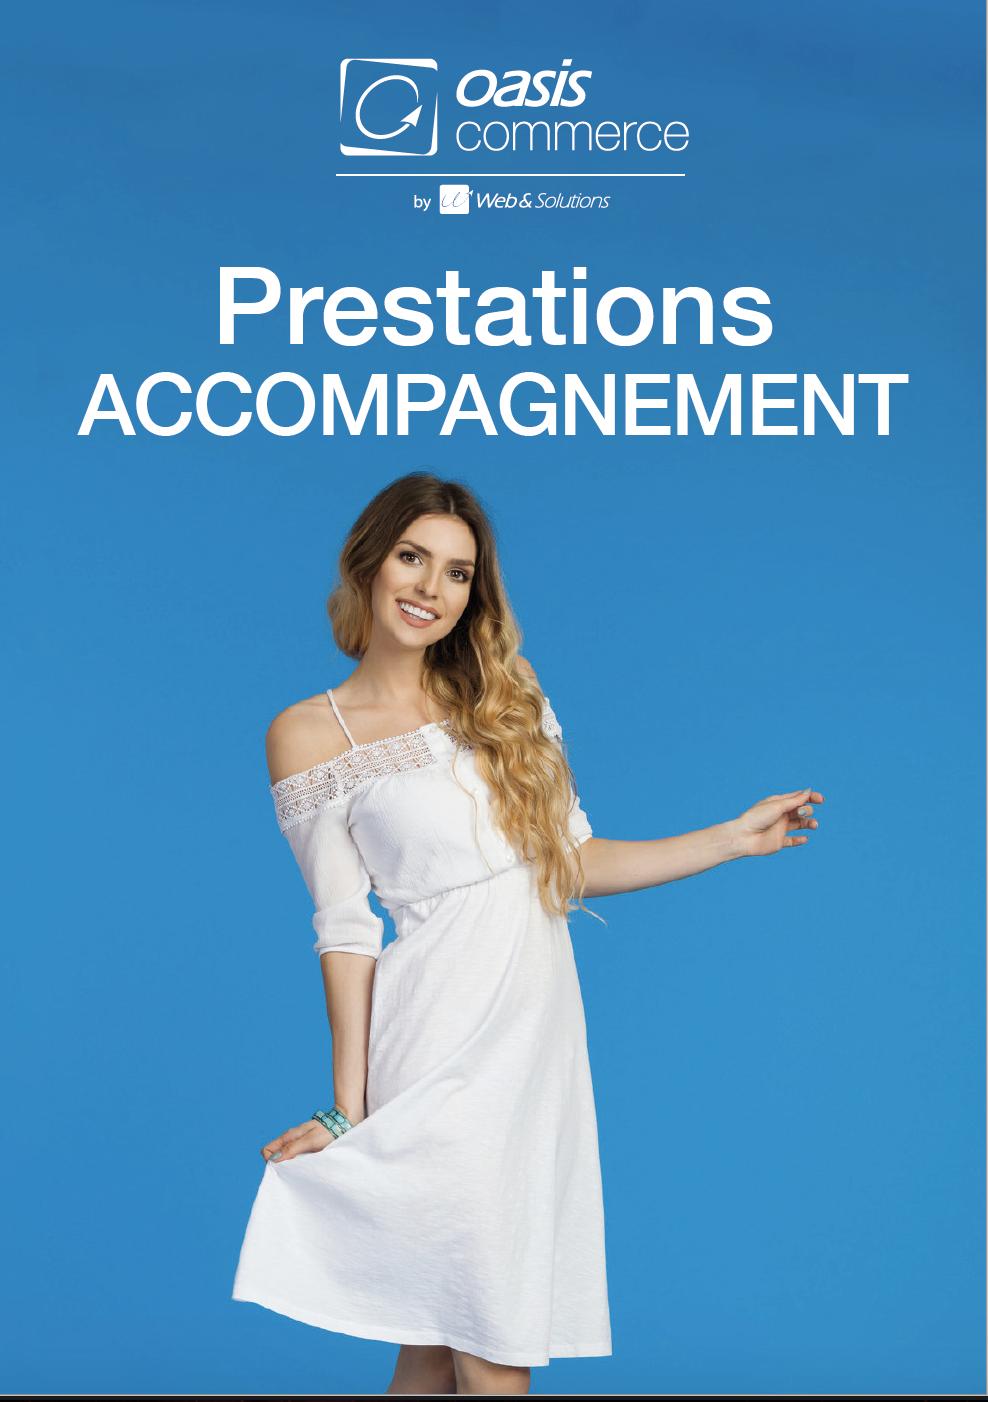 Plaquette de nos prestations d'accompagnement OASIS Commerce